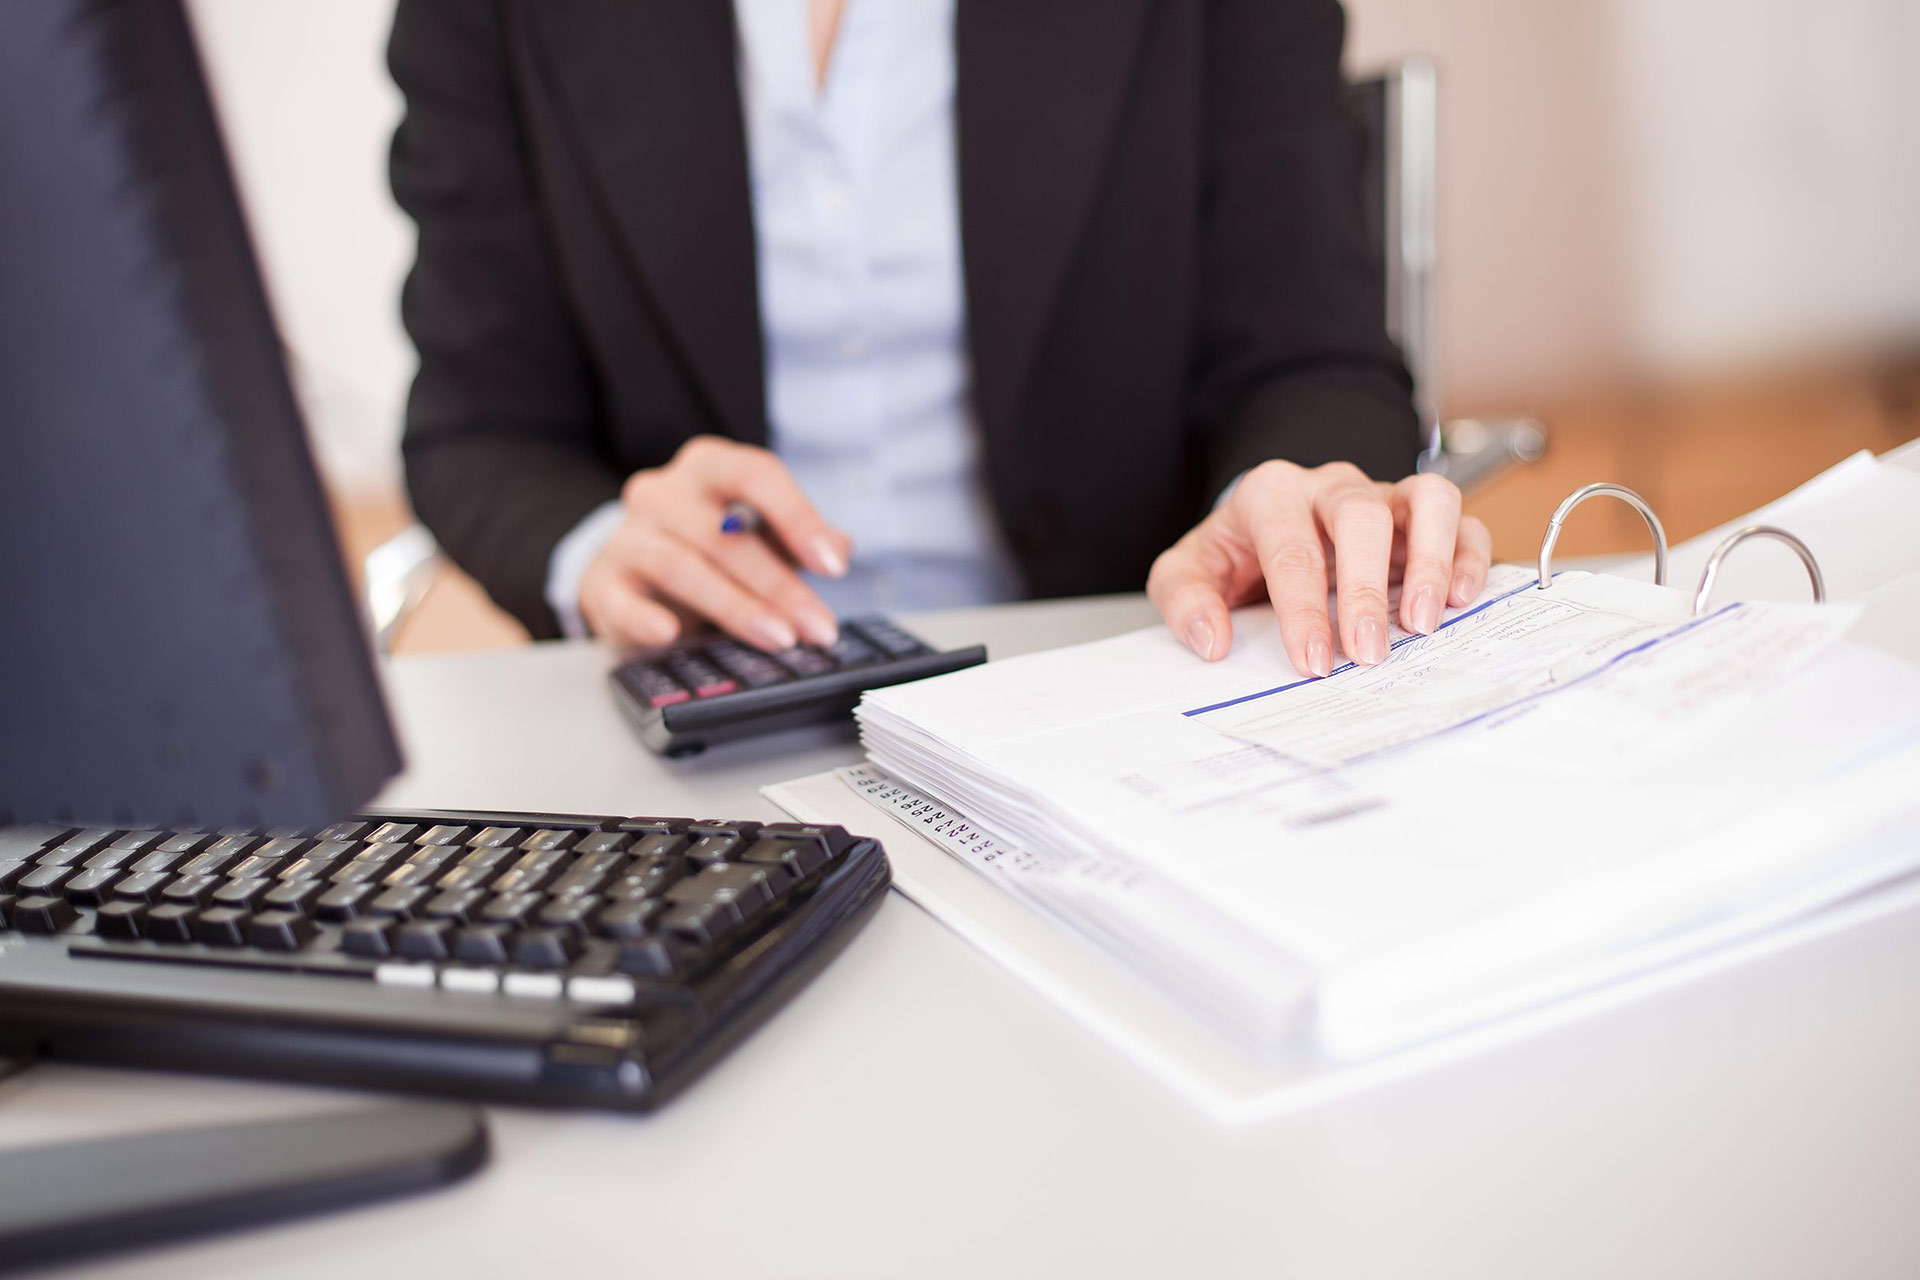 Бесплатный вебинар: Налоговая проверка. Как себя вести